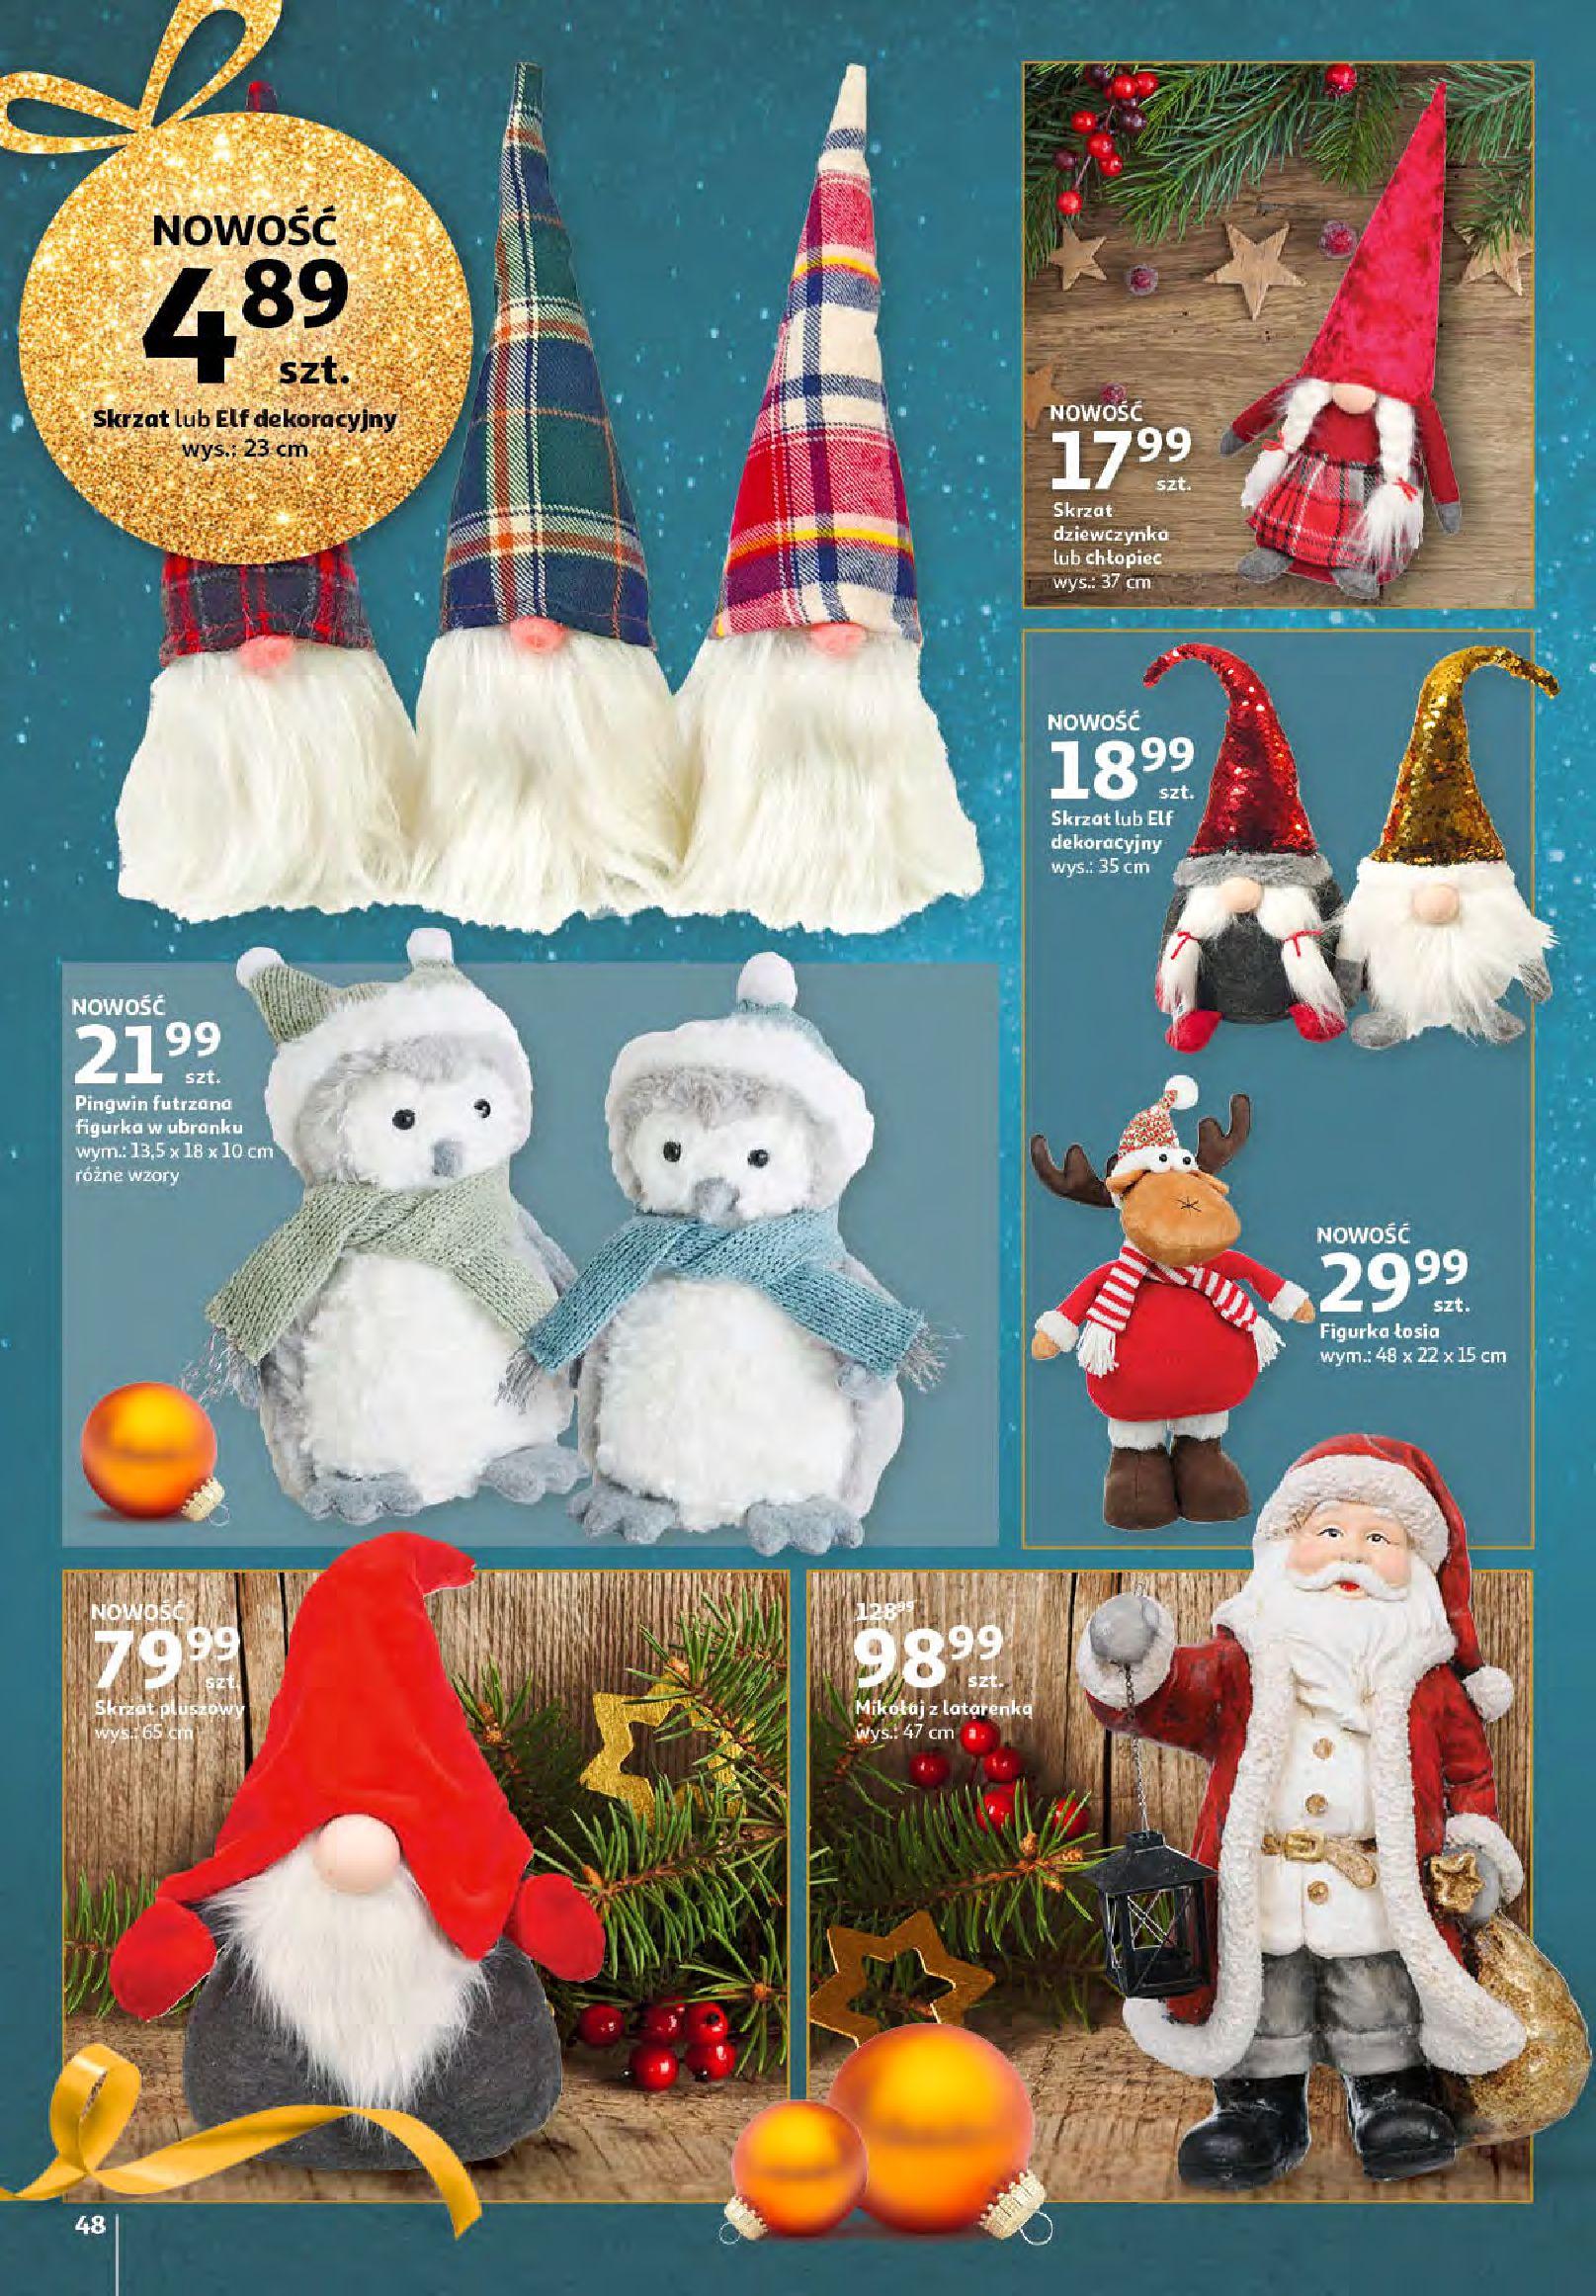 Gazetka Auchan - Magia zabawek i świątecznych ozdób-11.11.2020-25.11.2020-page-48